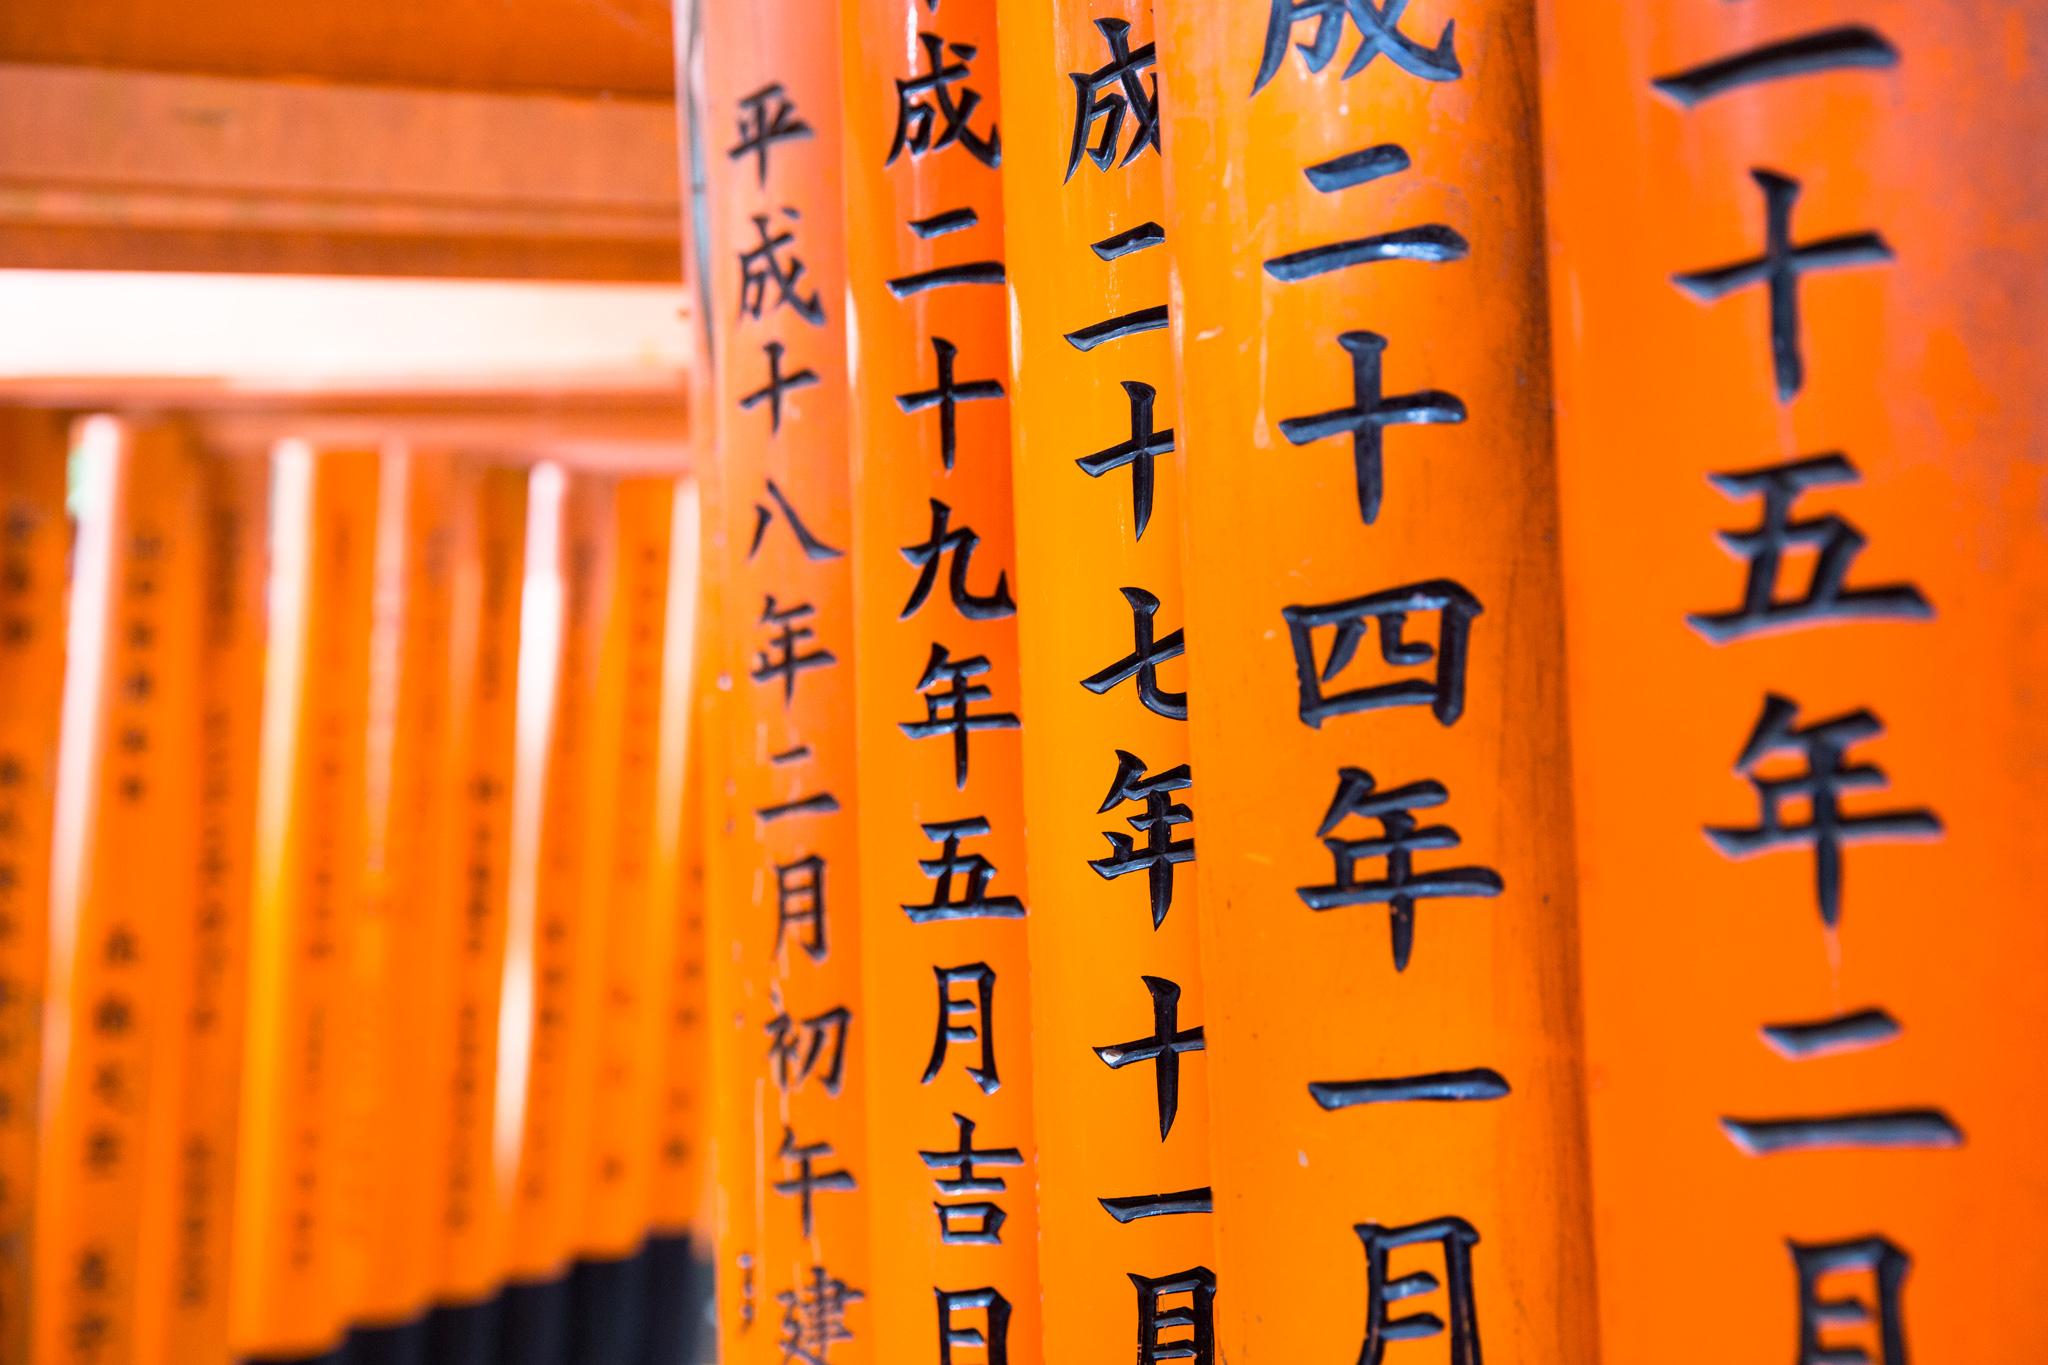 5376-japan-urban-orange-gate.jpg